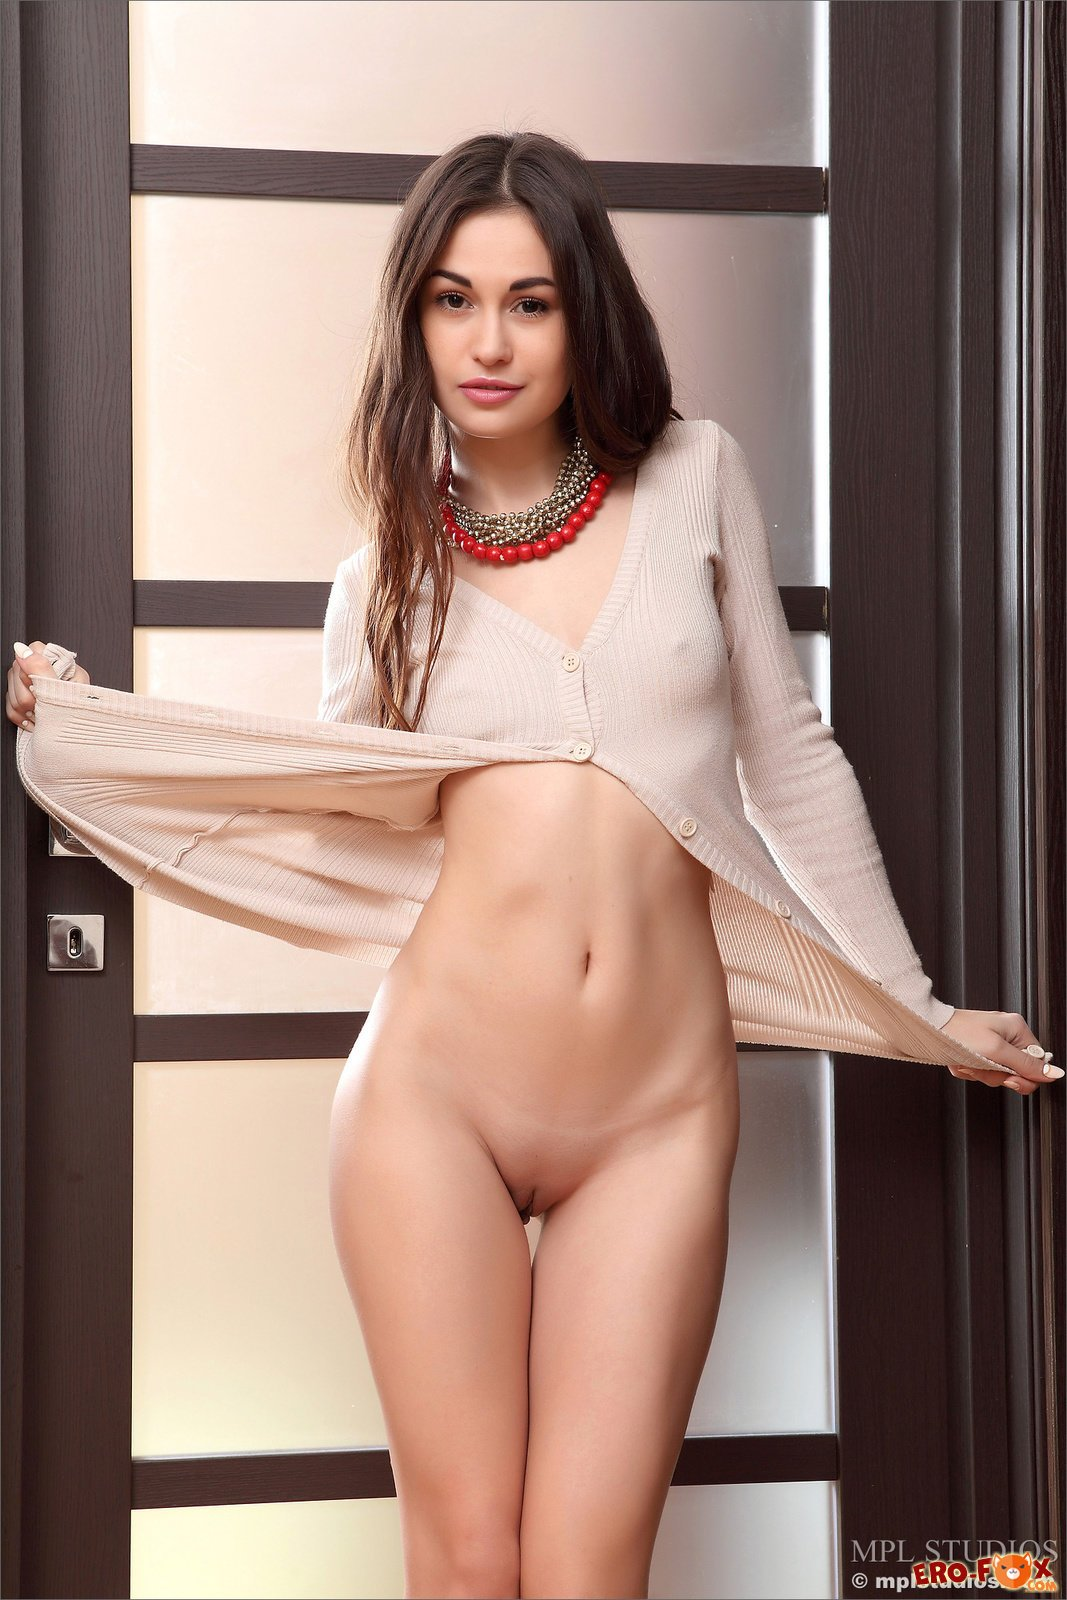 Красивая голая девушка с бусами